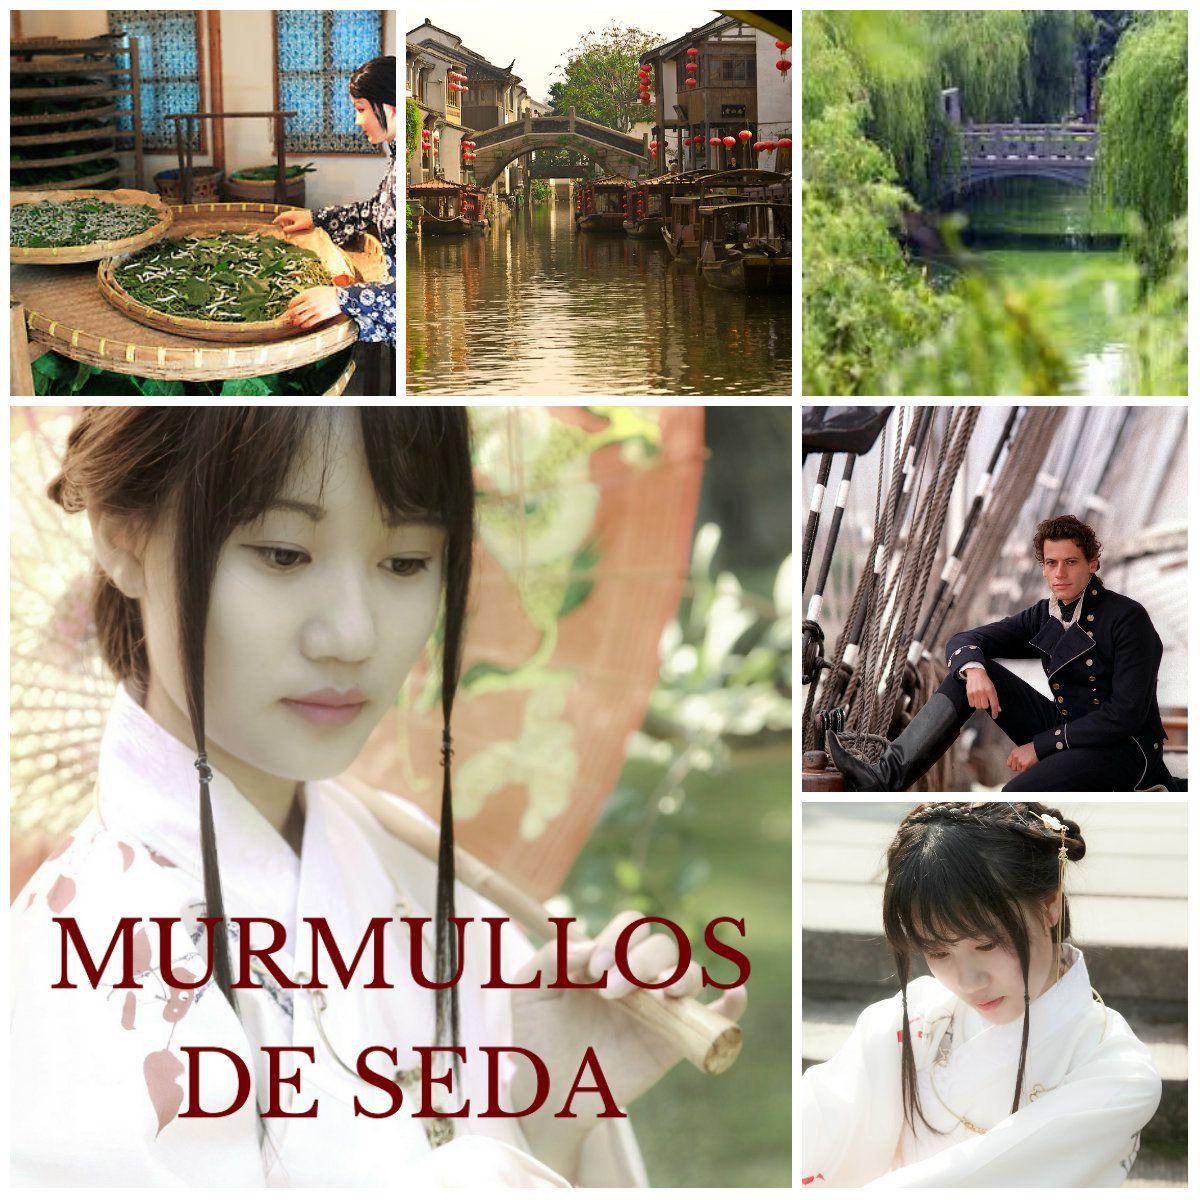 #Novedad. MURMULLOS DE SEDA China, S.XIX, tradiciones y guerra. #romance @isabellaabad1   http:// buff.ly/2lLrHfi  &nbsp;  <br>http://pic.twitter.com/BPza6U7fau